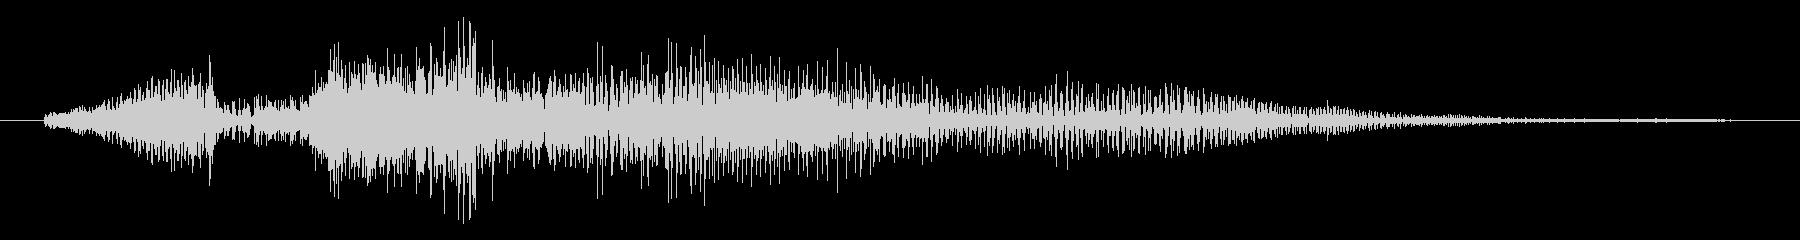 モンスター ダイハイ10の未再生の波形